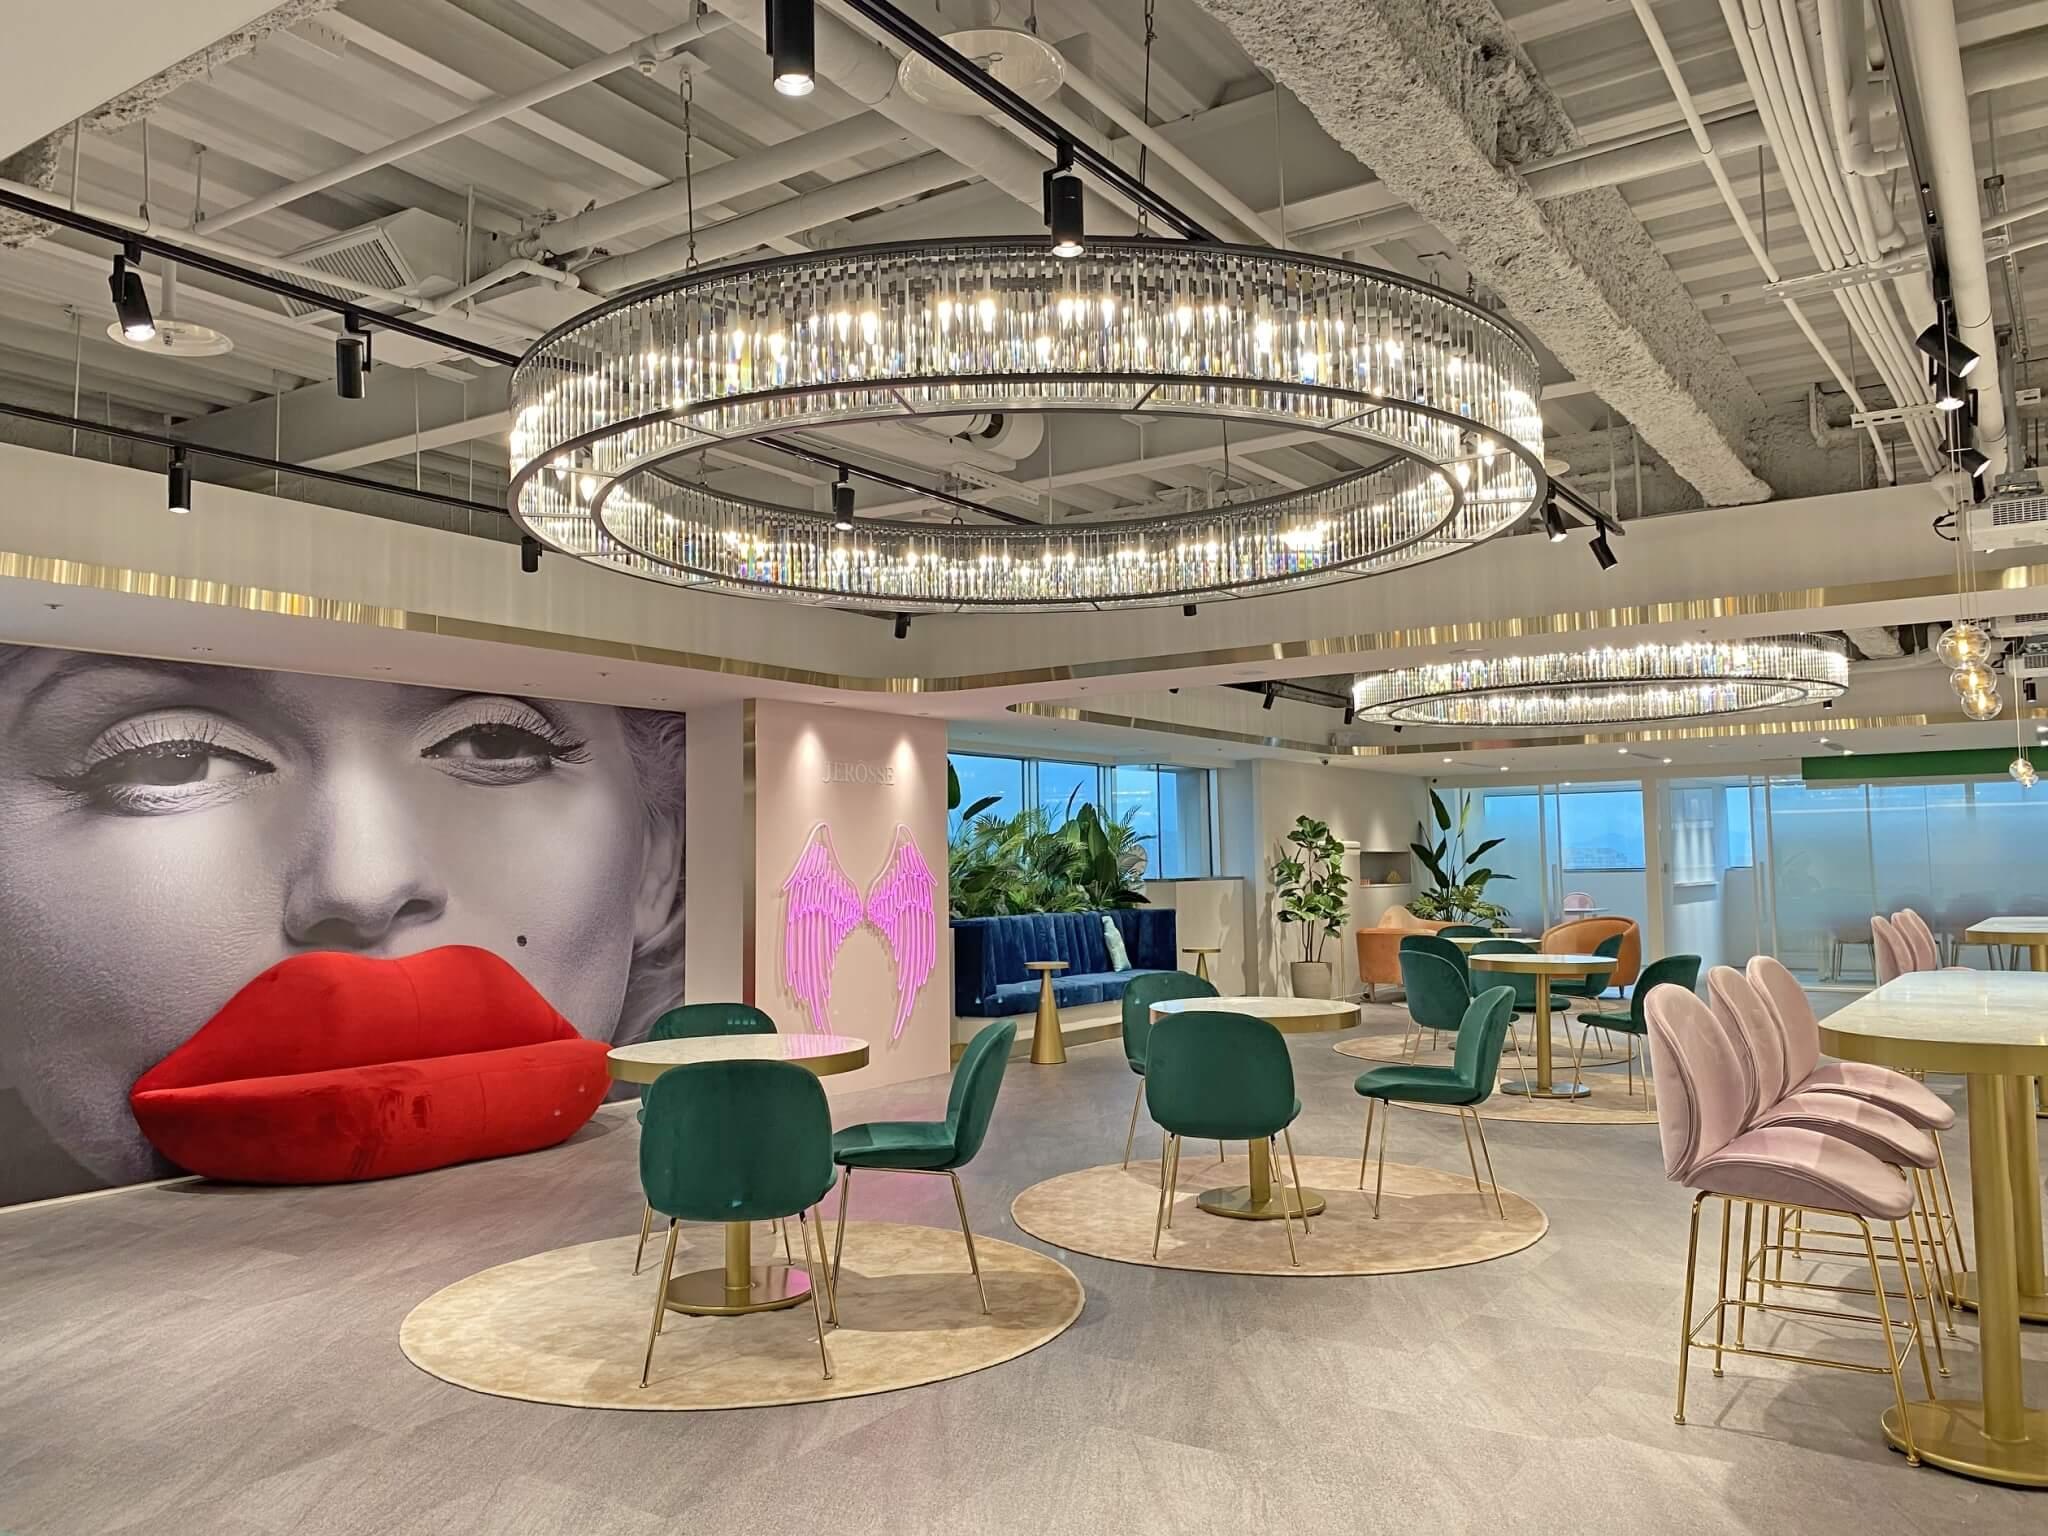 婕樂纖培訓總部寬敞明亮水晶吊燈優雅奢華